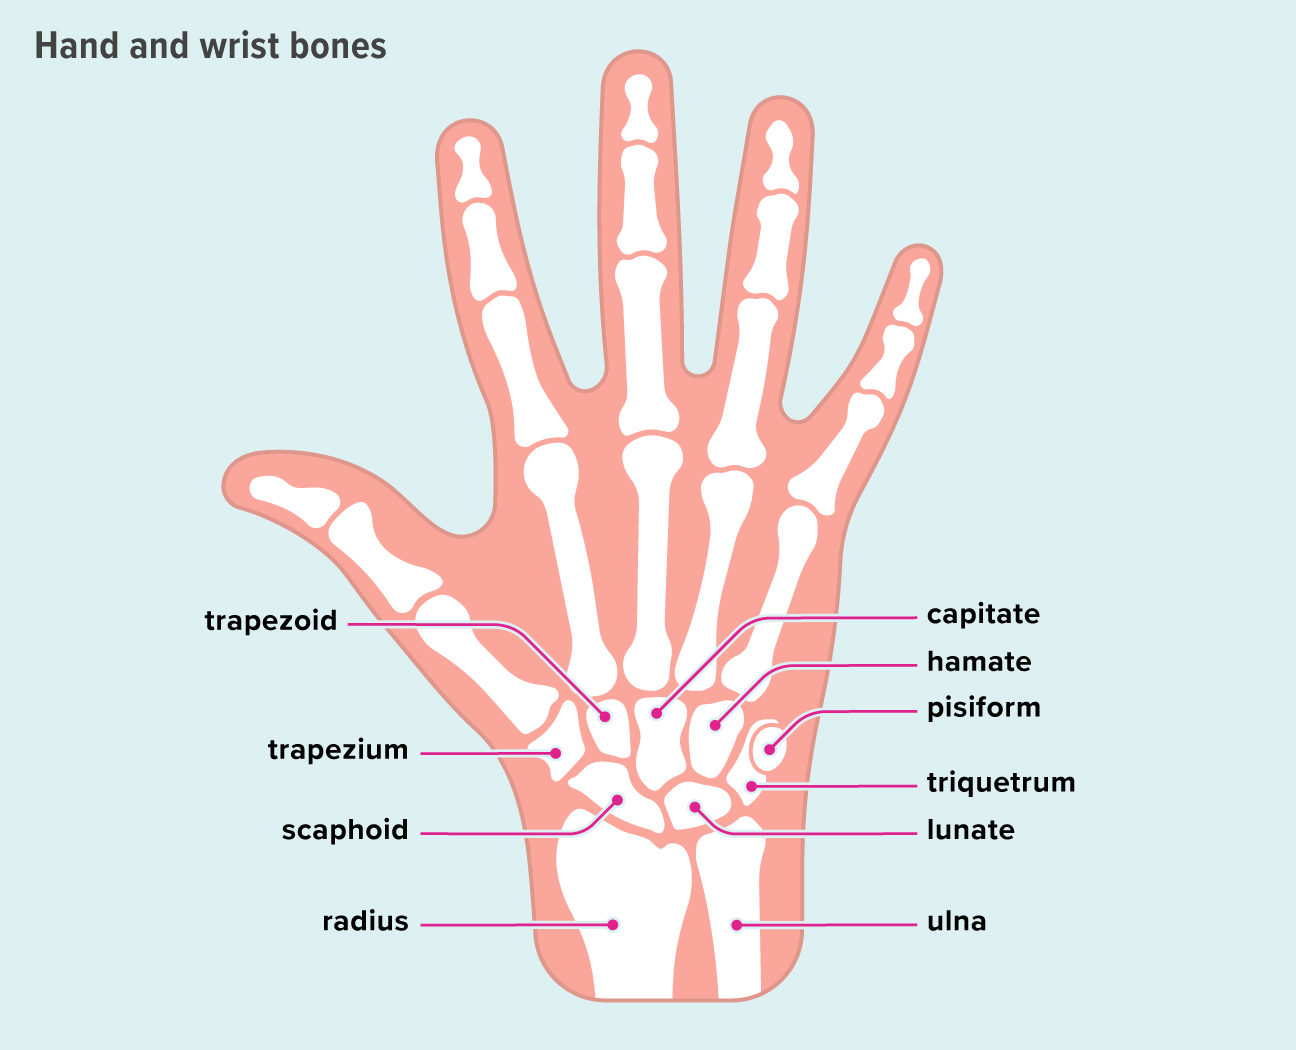 diagrama rotulando os oito ossos do carpo e dois ossos do braço do pulso